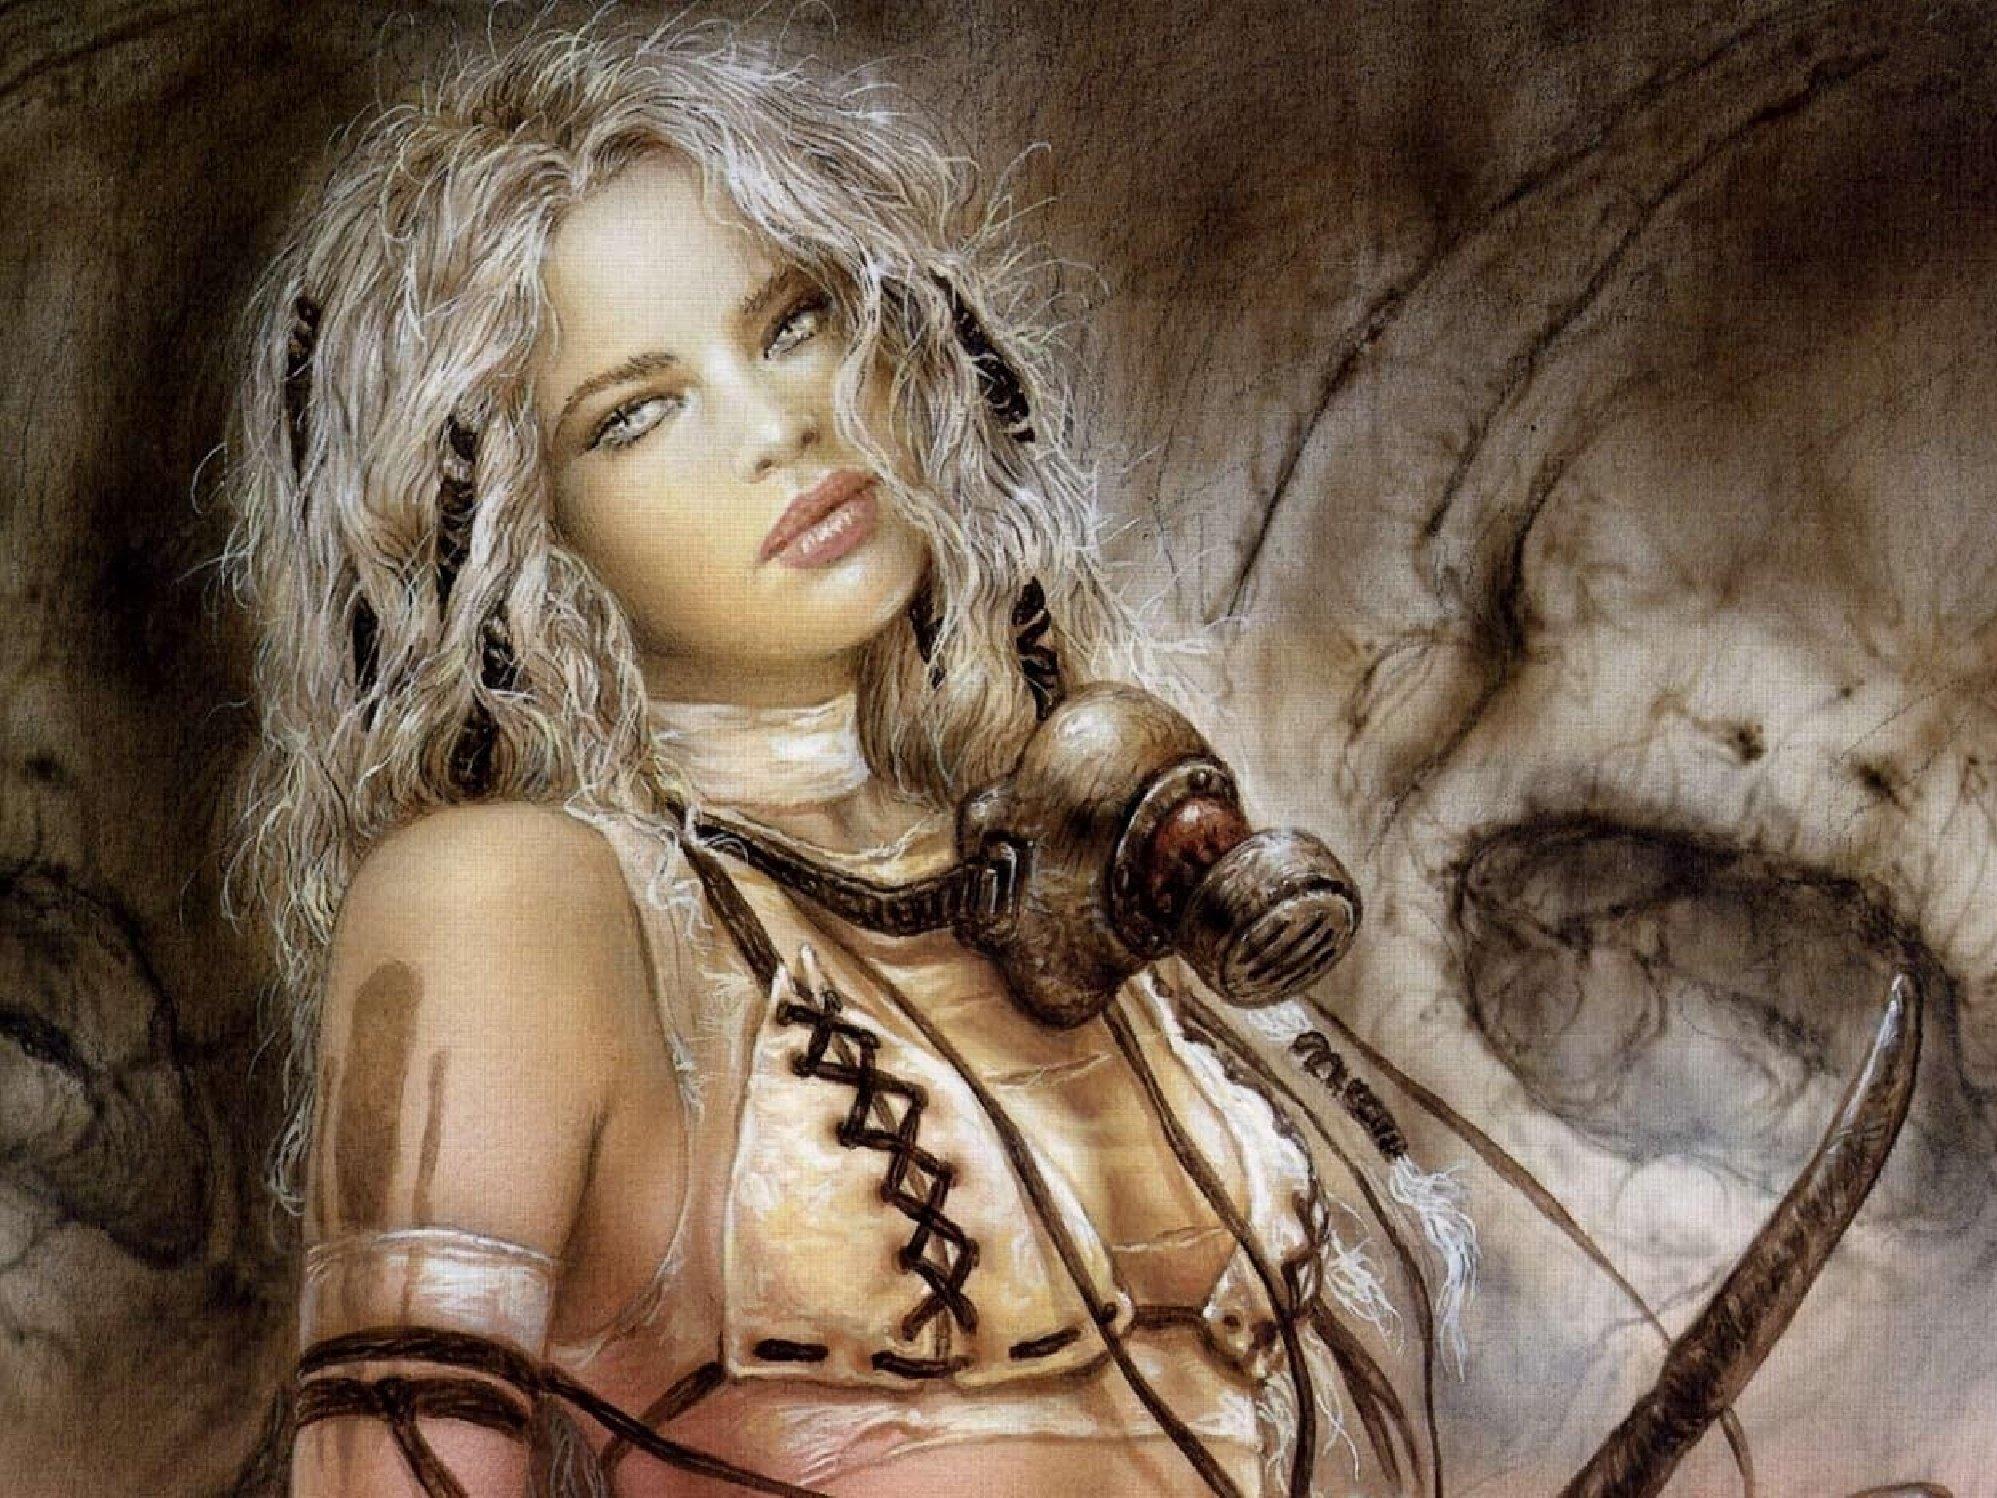 Female erotic nude pictures art